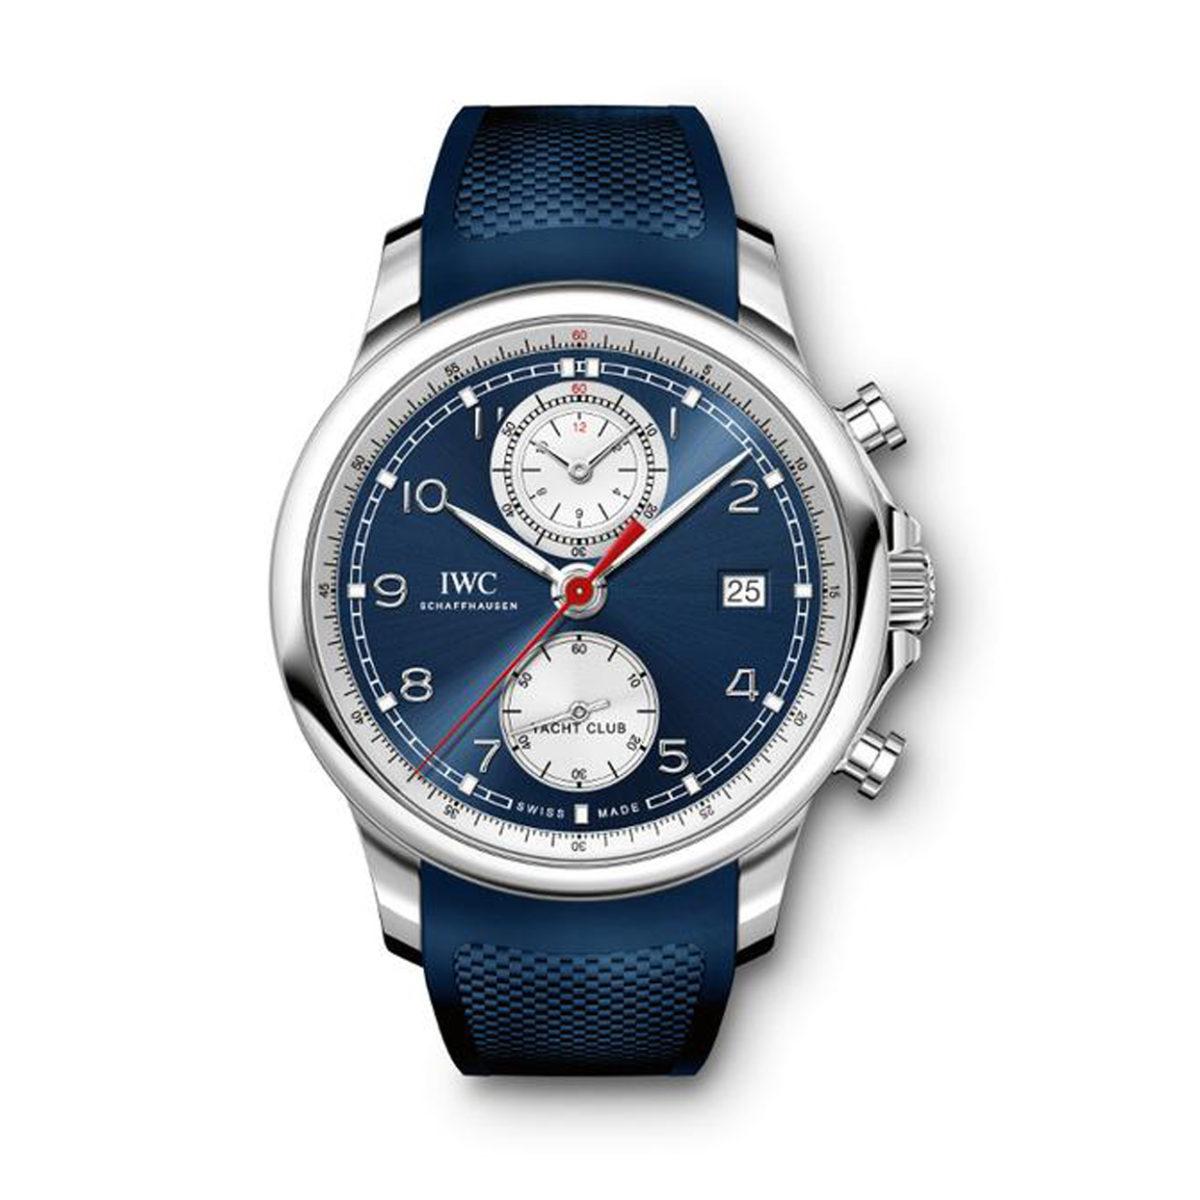 IW390507 - IWC Portugieser Yacht Club Chronograph